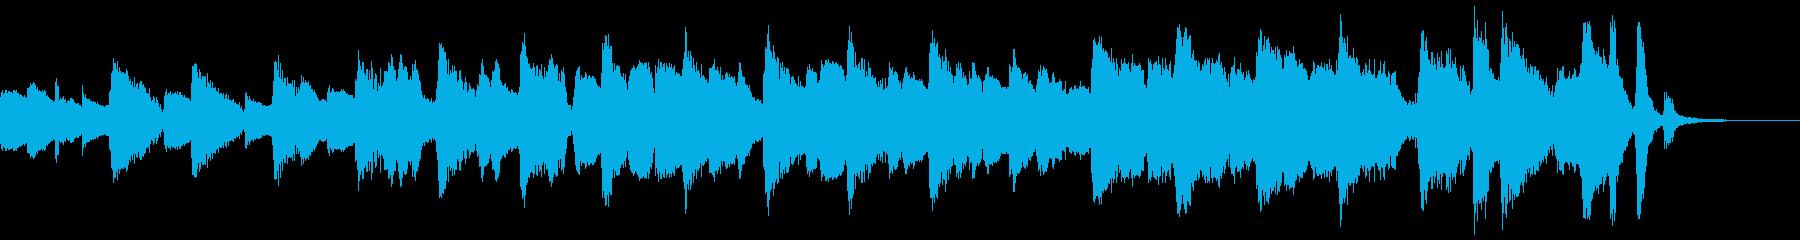 30秒/ピアノとフルート軽快なフレーズの再生済みの波形